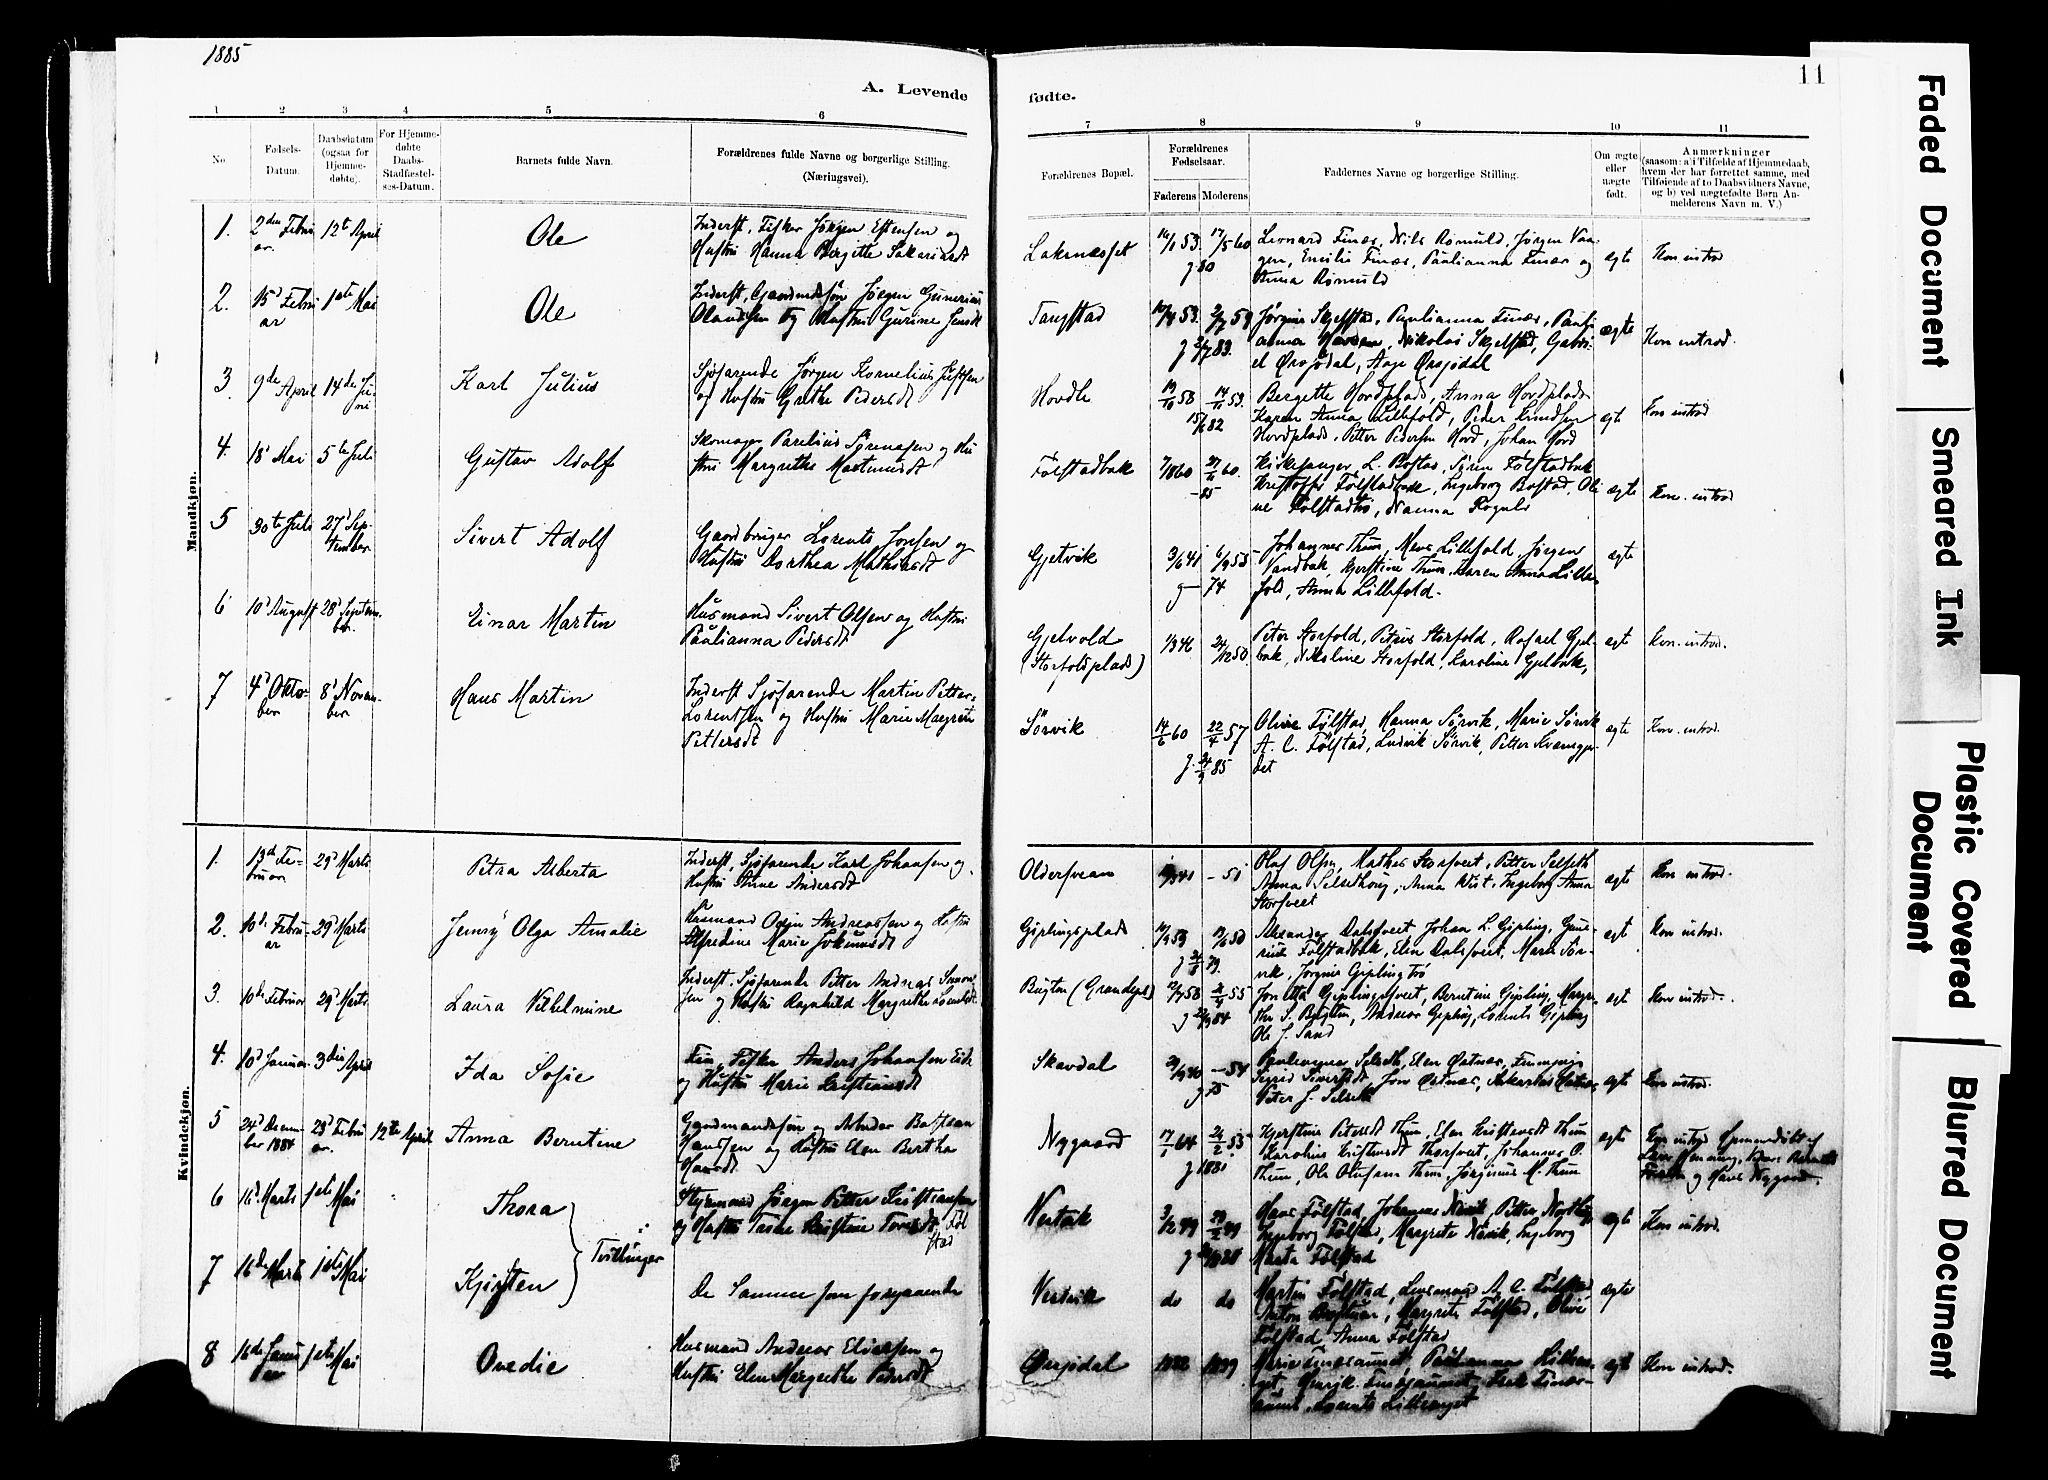 SAT, Ministerialprotokoller, klokkerbøker og fødselsregistre - Nord-Trøndelag, 744/L0420: Ministerialbok nr. 744A04, 1882-1904, s. 11